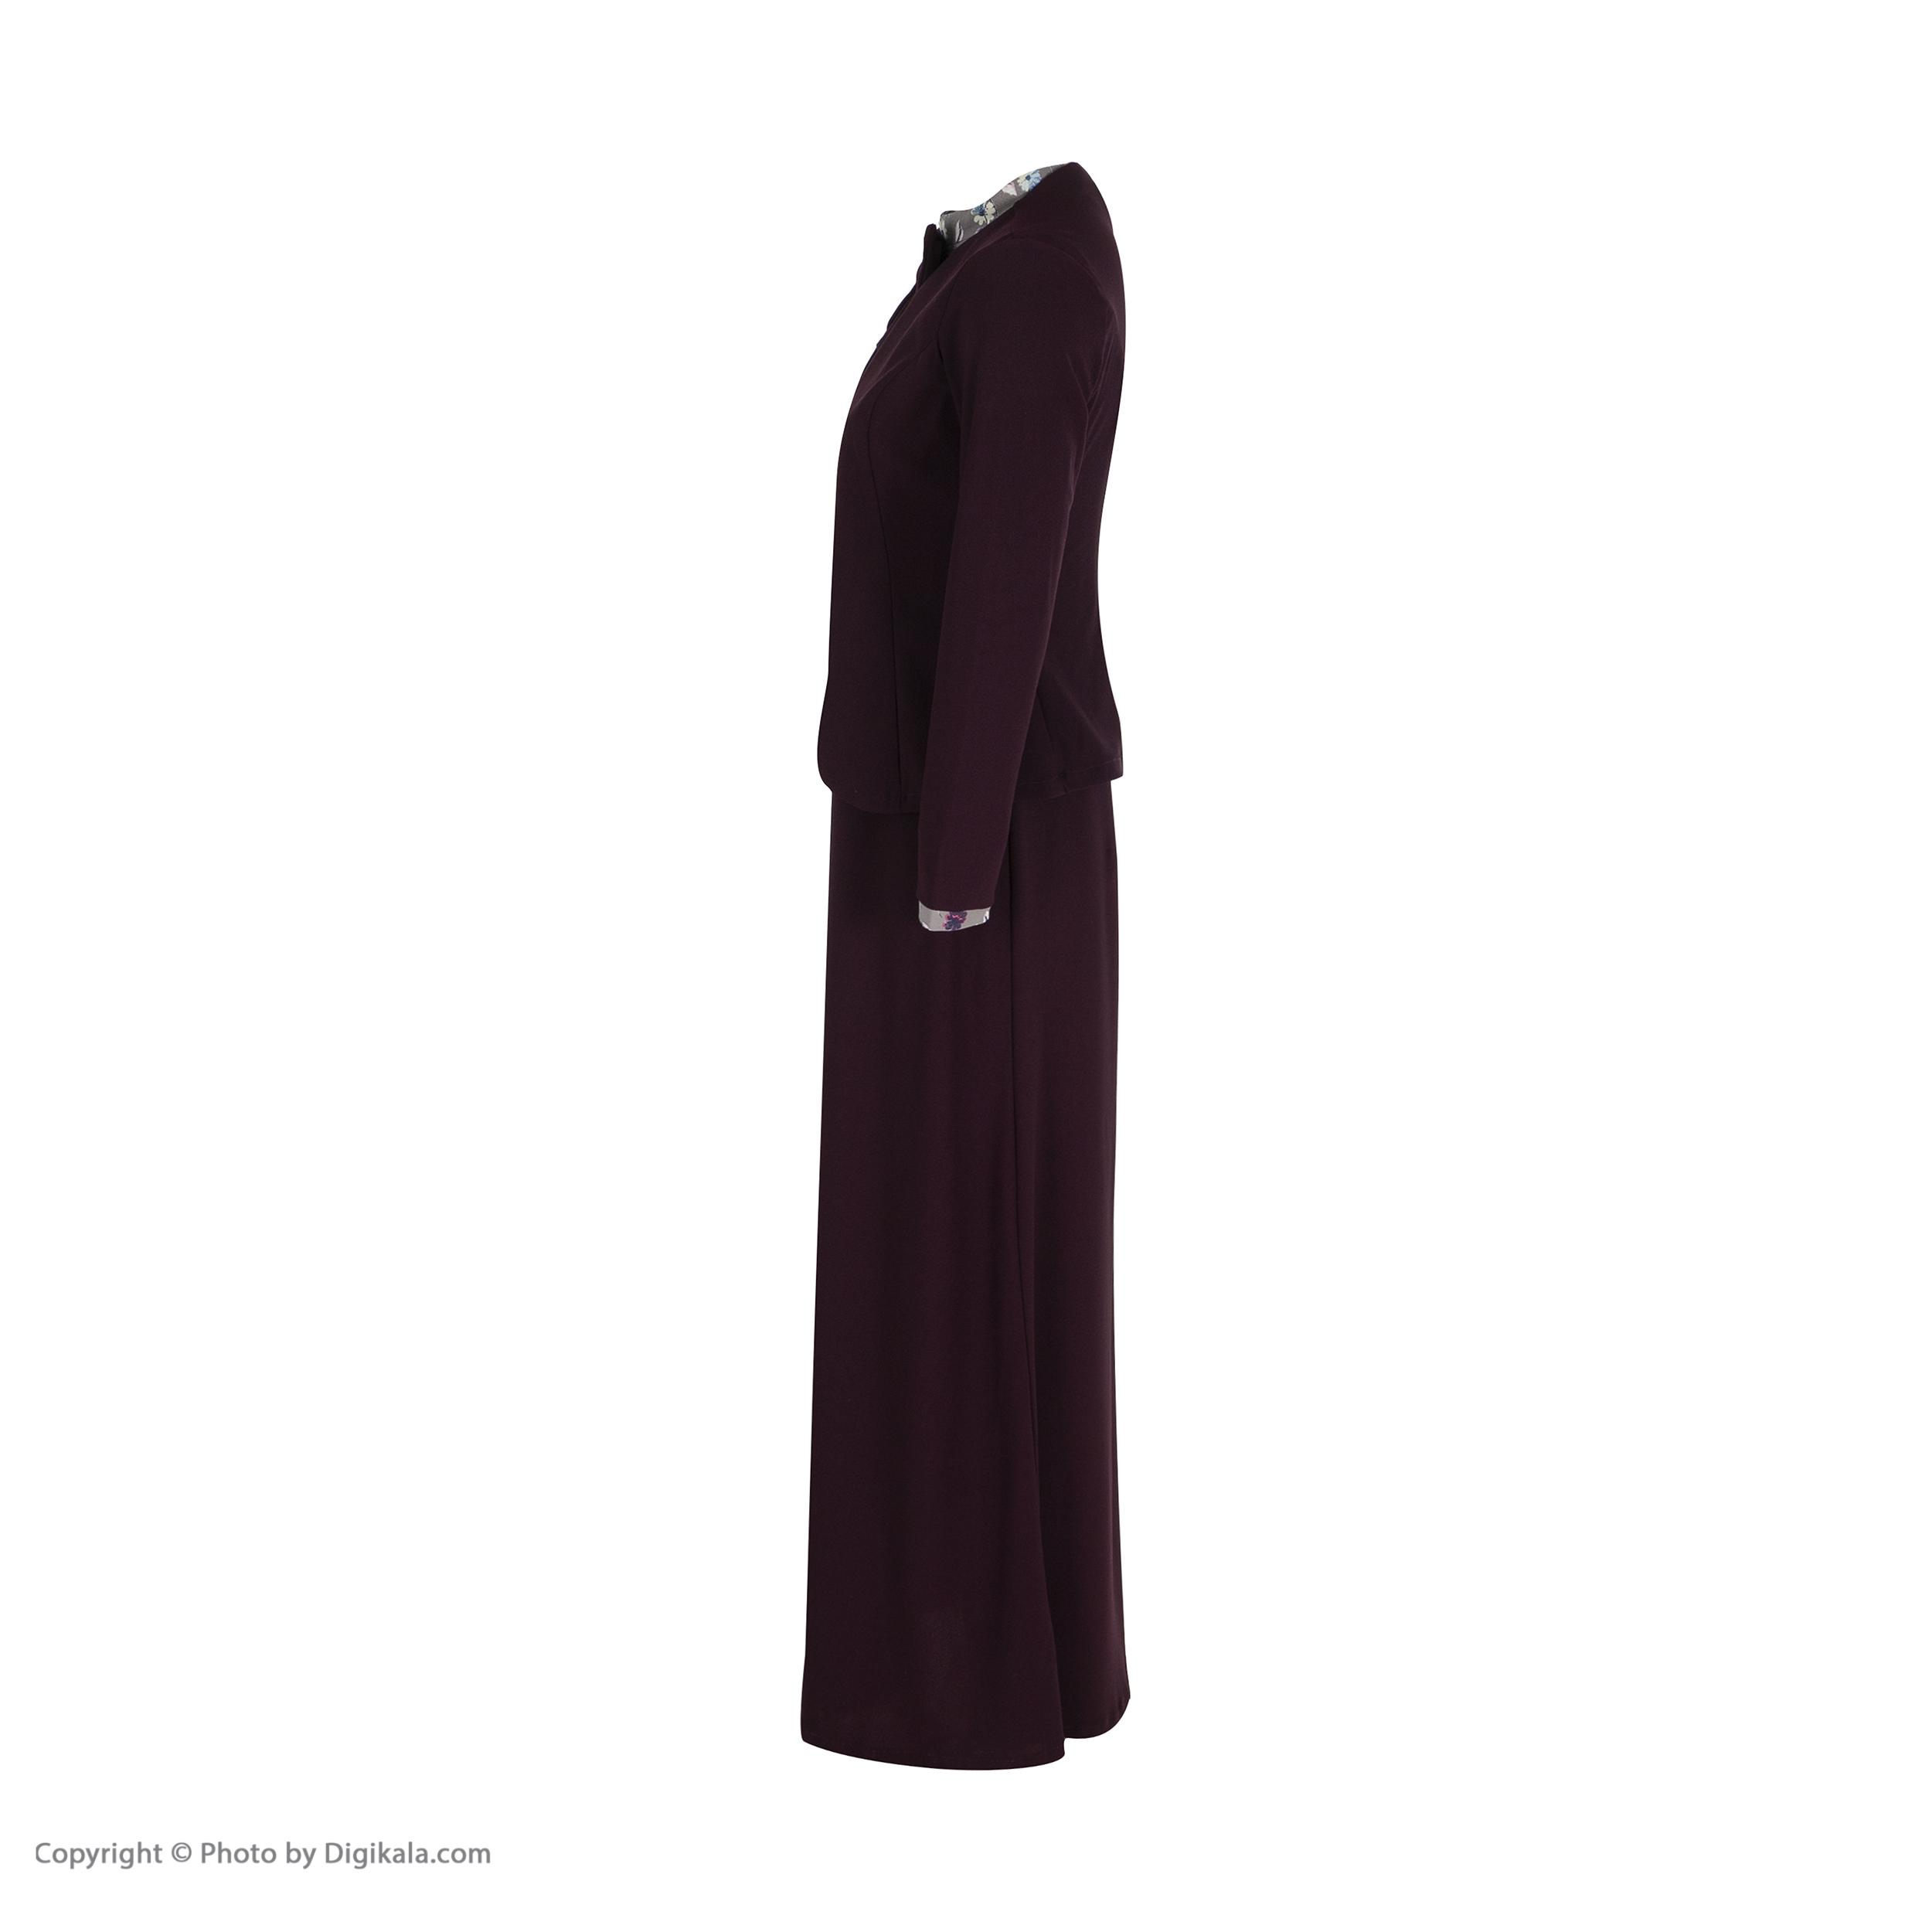 ست پیراهن و کت زنانه کد 160